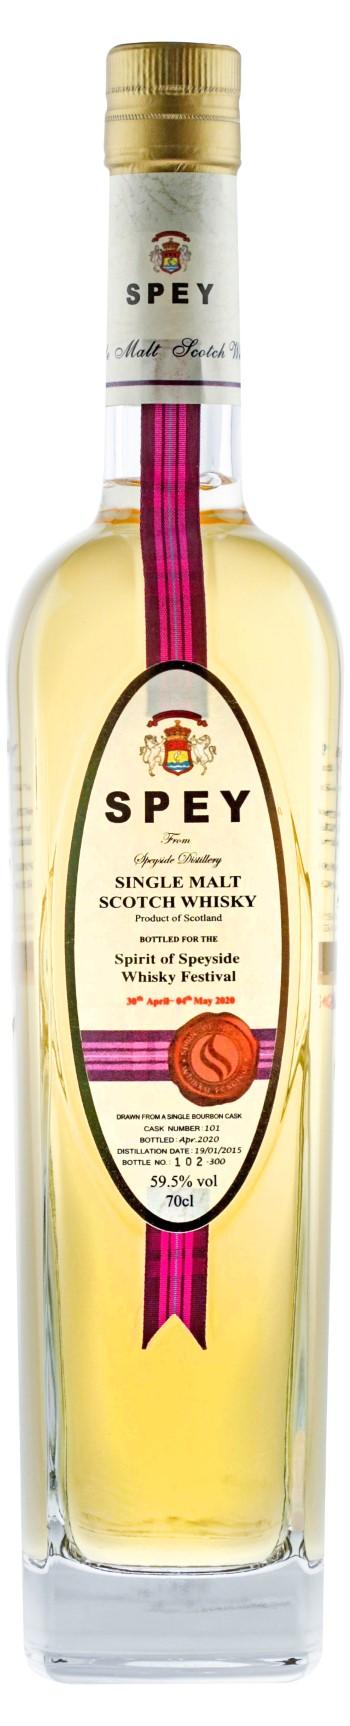 Tamdhu Sandy McIntyre's SC Ganadores de los wwa 2020  Mejor whisky del mundo